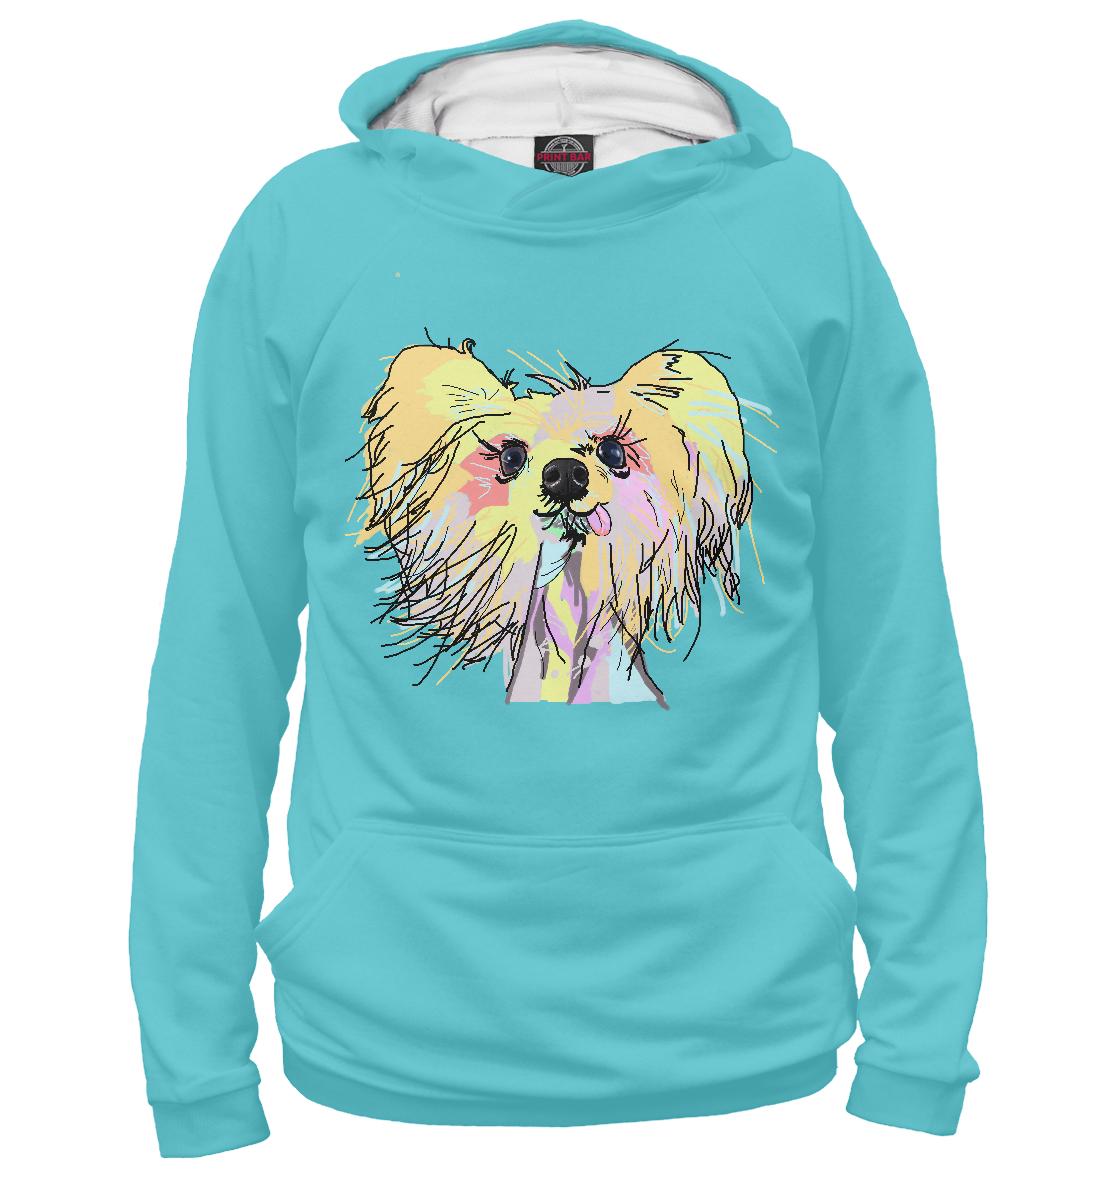 Купить Любишь меня - люби и мою собаку, Printbar, Худи, DOG-814525-hud-2